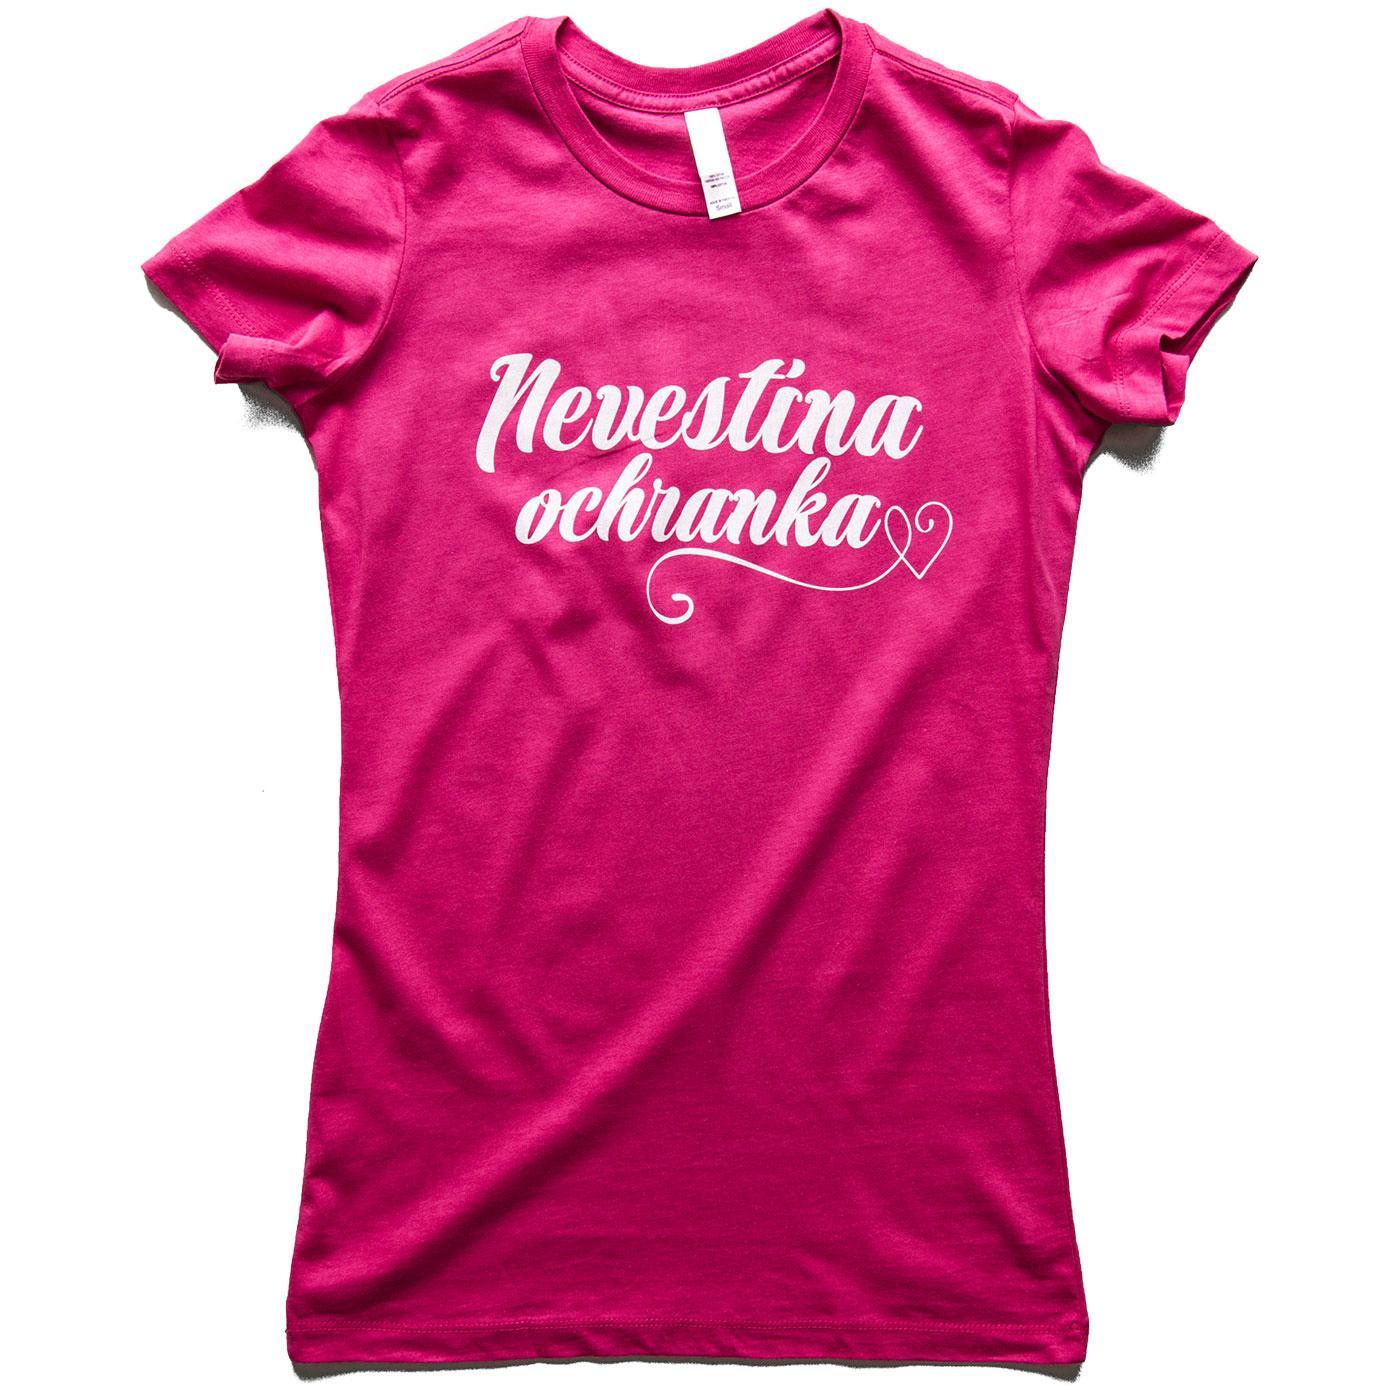 Nevestička a Ženích ♥ - trička na želanie podľa vlastných predstáv - Nevestina ochranka